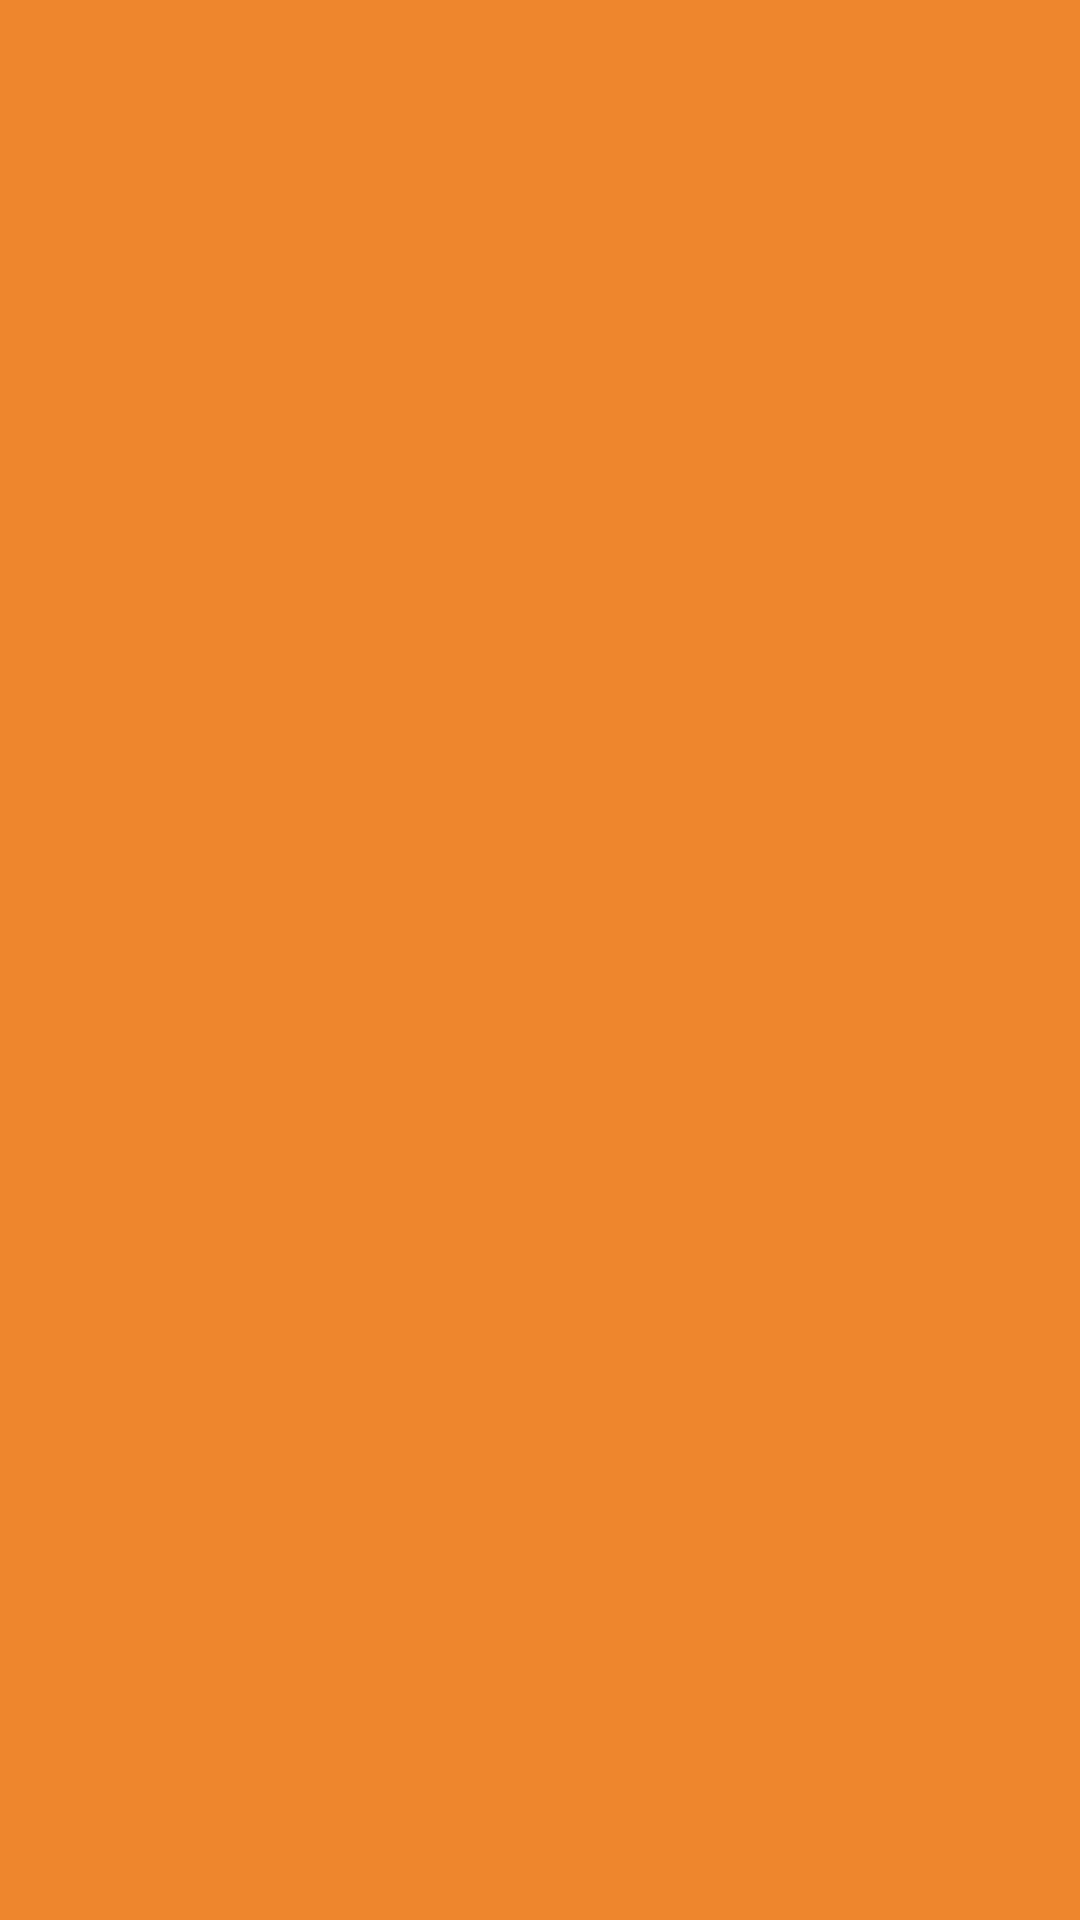 1080x1920 Cadmium Orange Solid Color Background